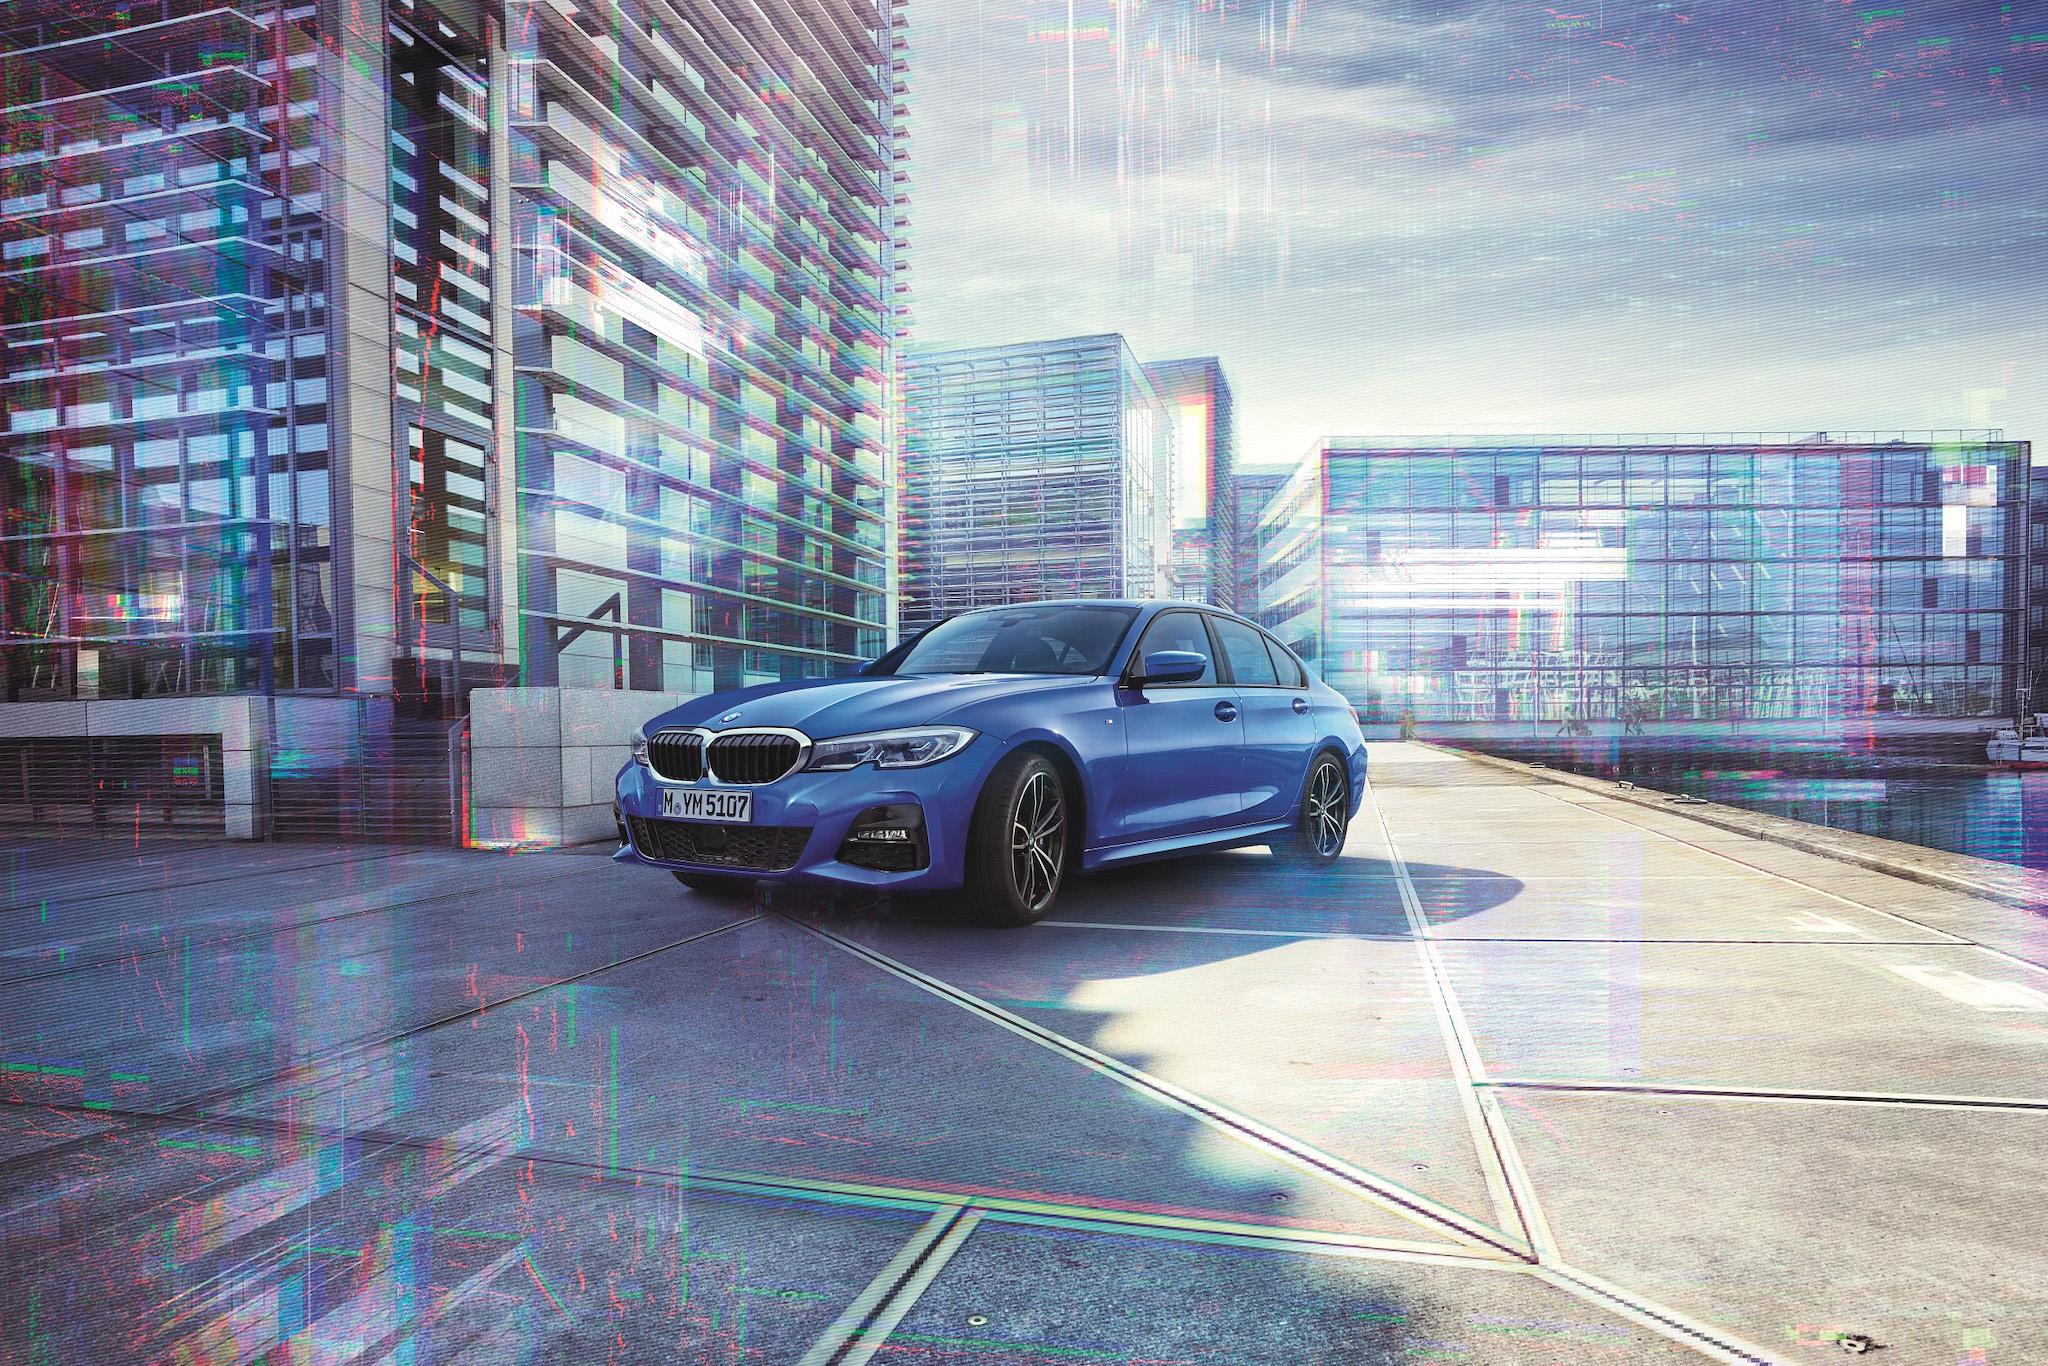 全新 2021 年式車型 2.0L 318i Luxury、320i M Sport、330i M Sport,均可享有0利率輕鬆坐擁方案,本月入主指定車型更可享 1 年乙式全險。